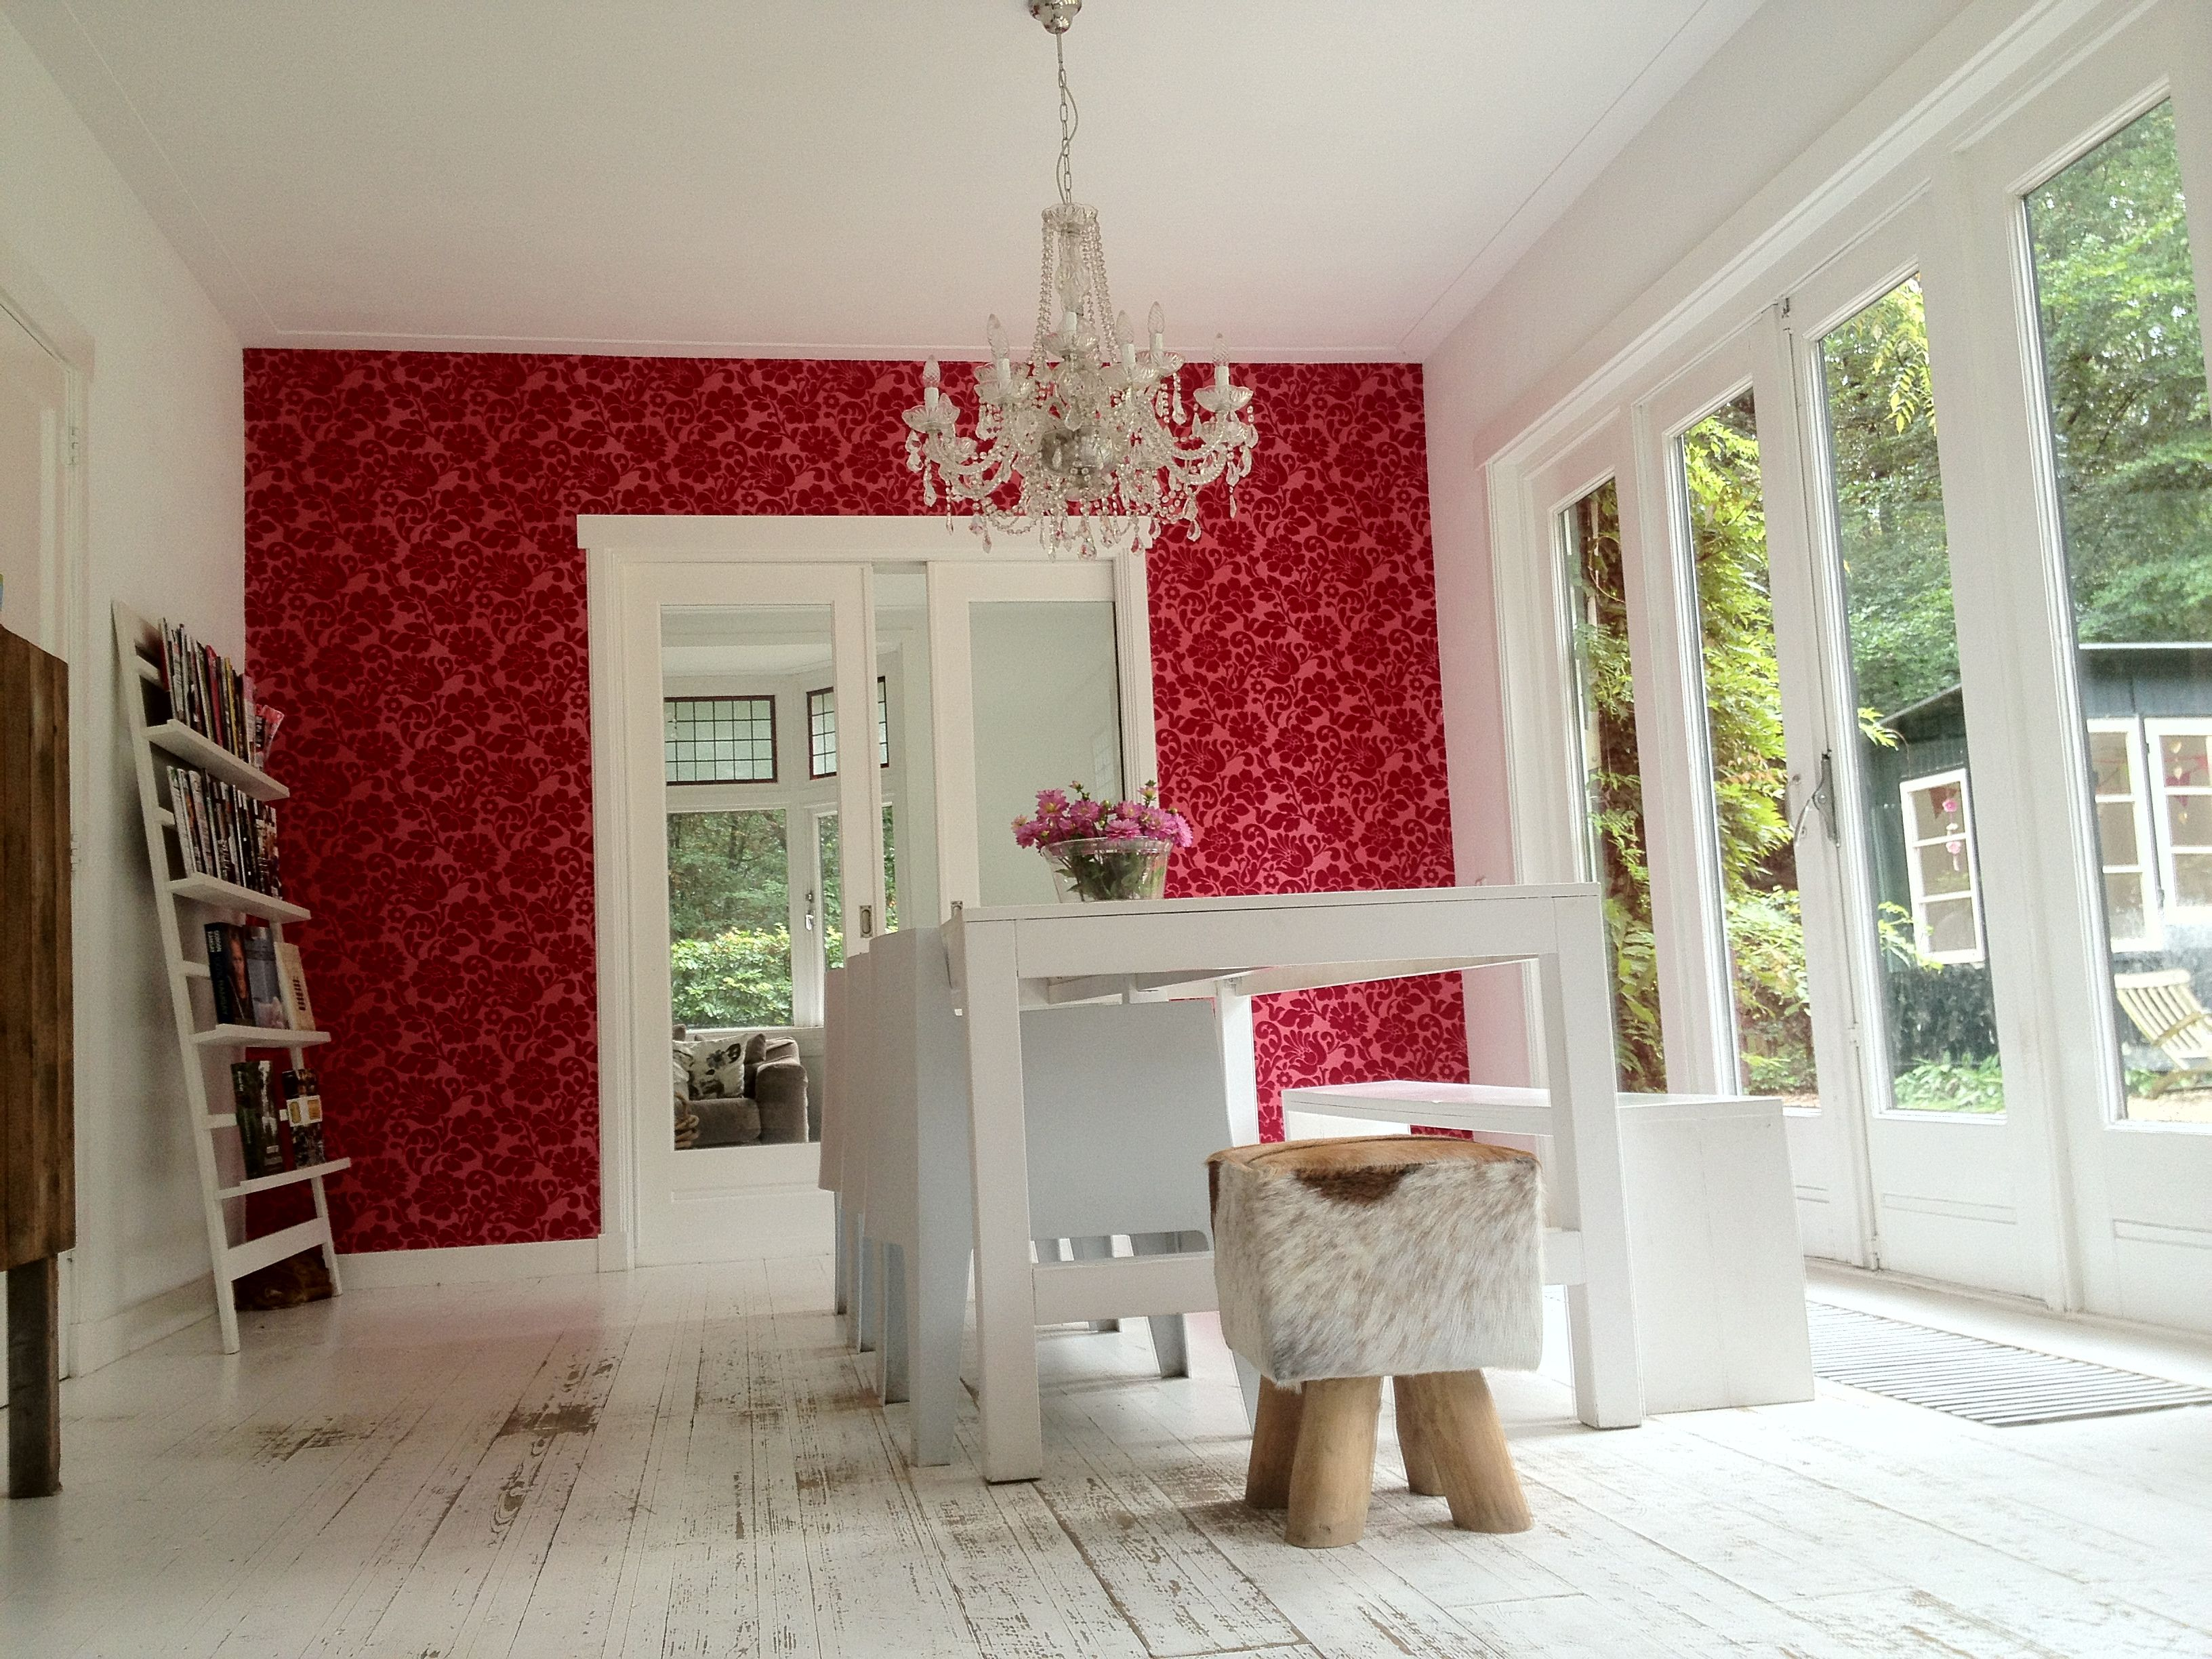 Eetkamer huis in het bos, Apeldoorn Nederland - Home/Lifestyle ...